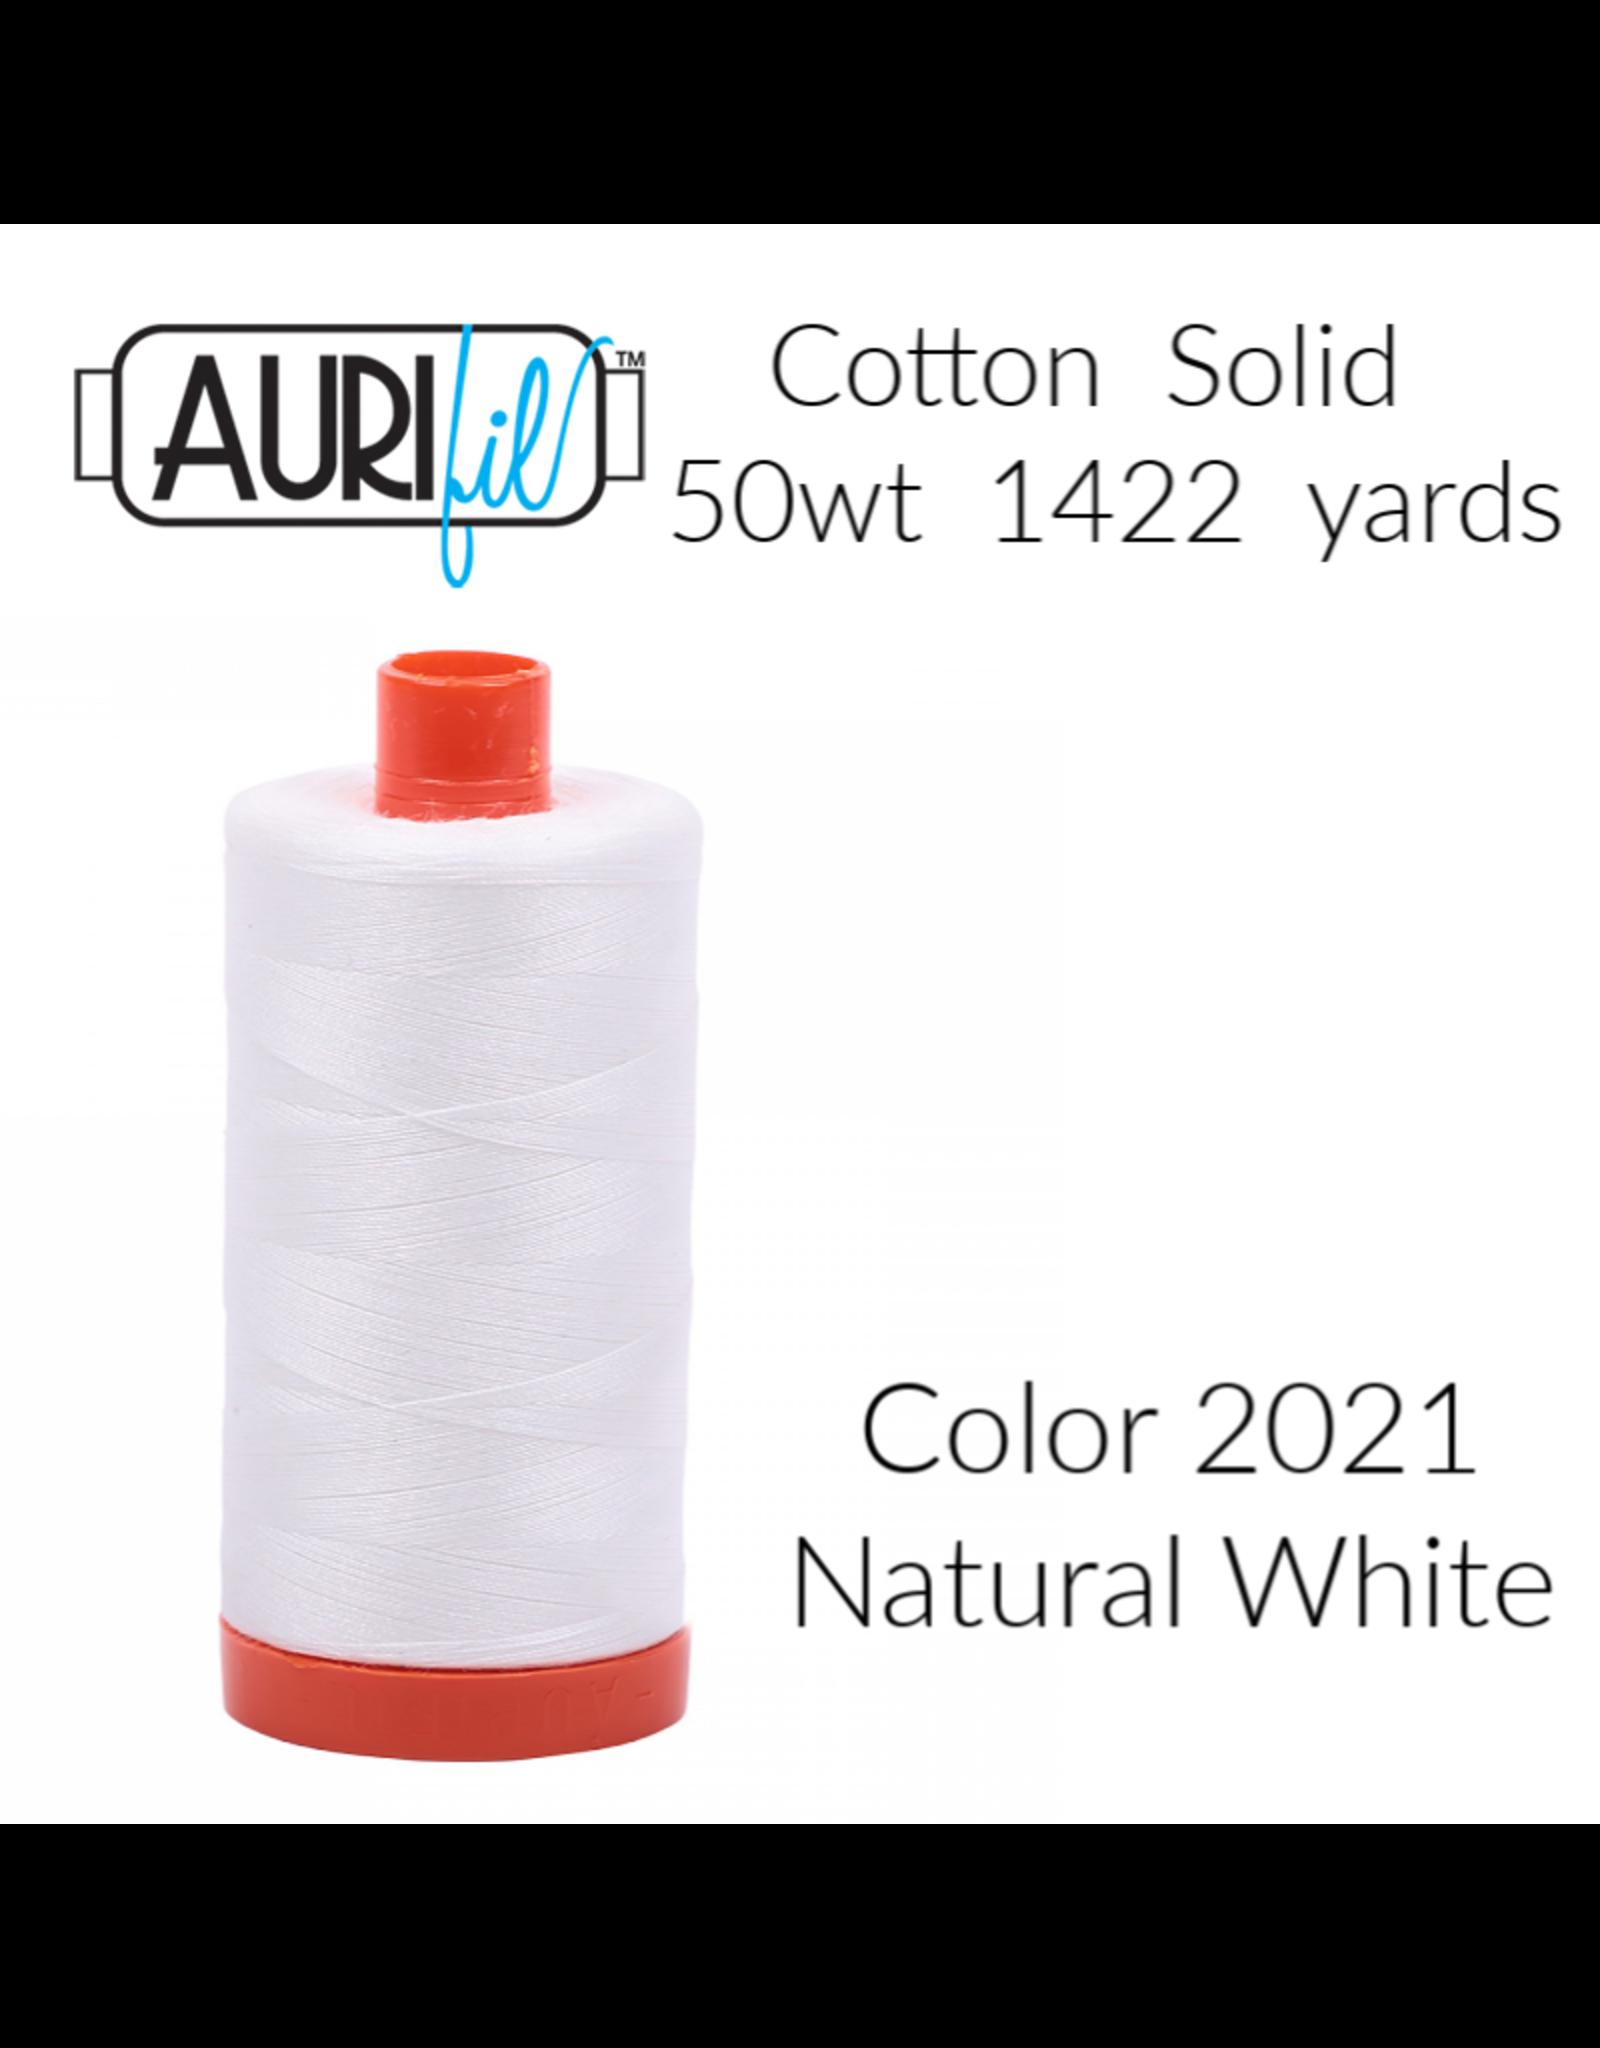 Aurifil Aurifil Thread, 50wt, 100% Cotton Mako, Large Spool 1422 yds. Color 2021: Natural White